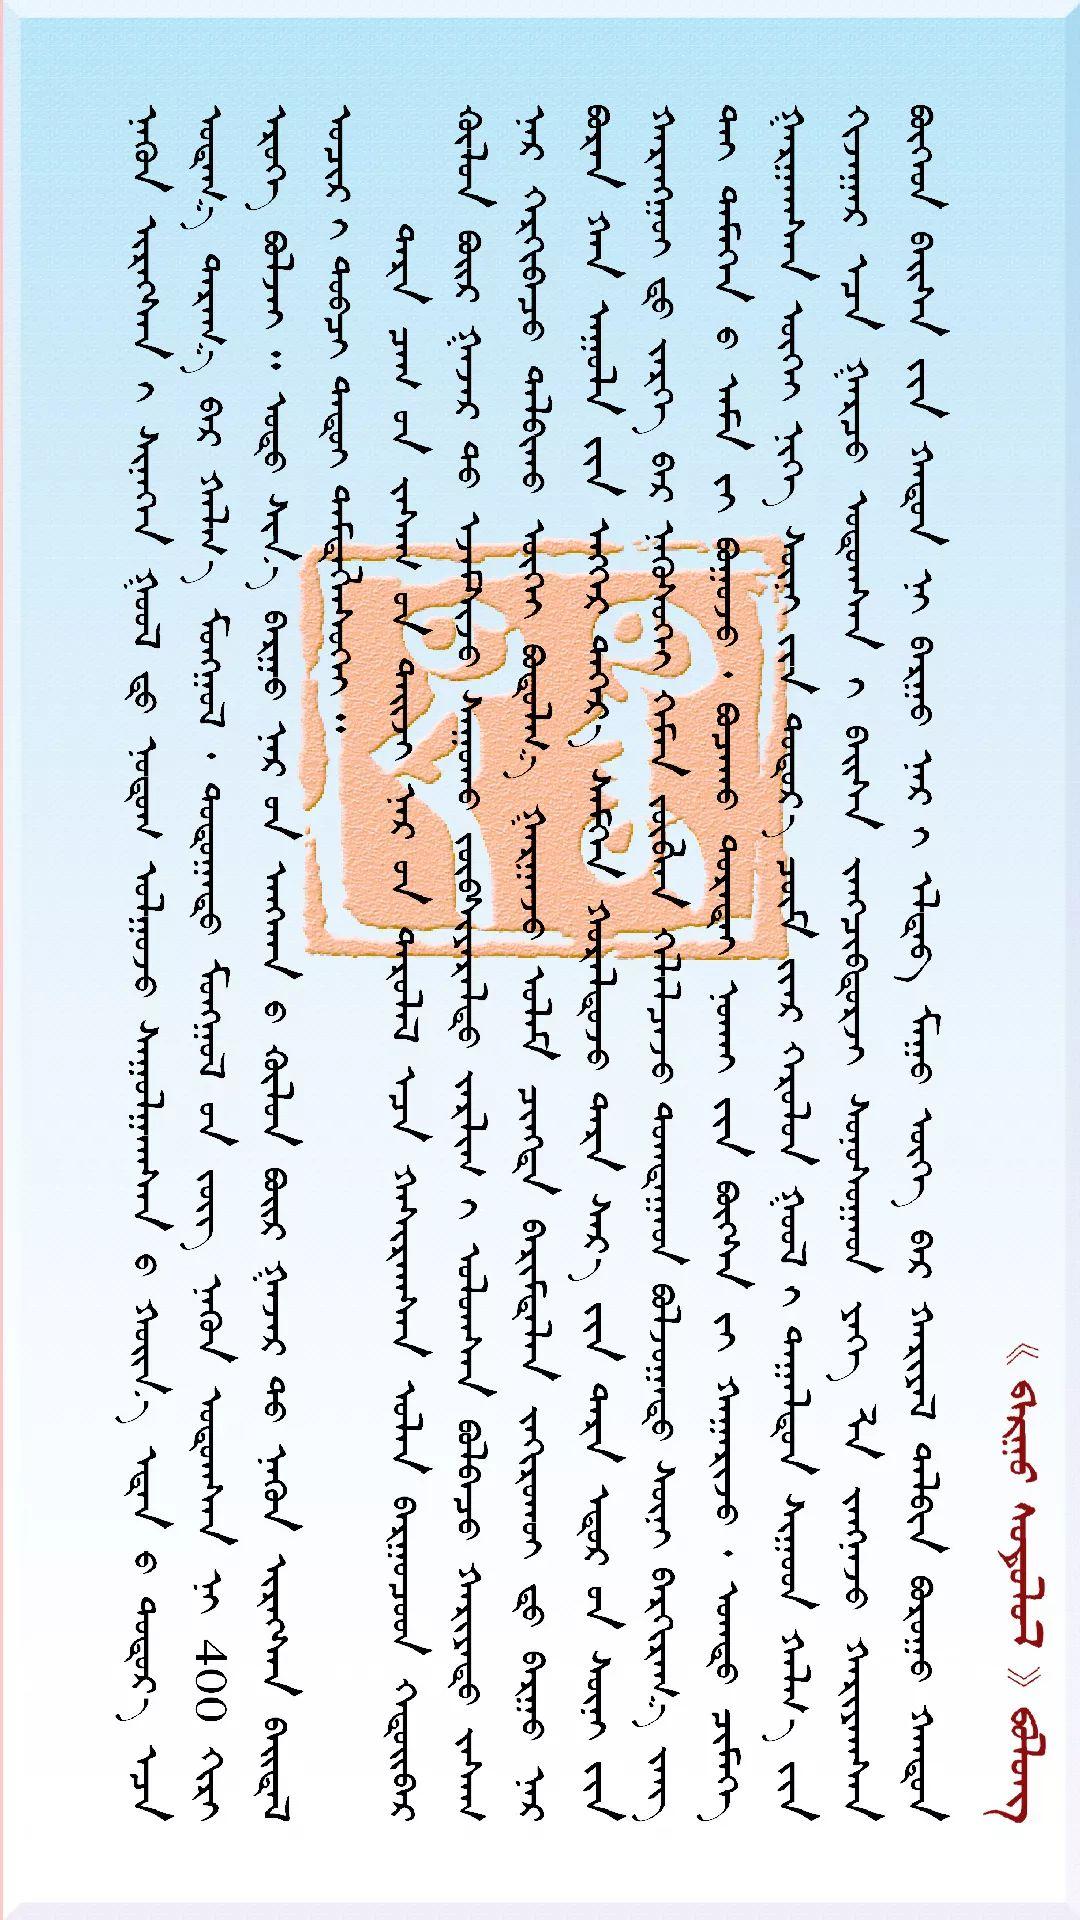 巴尔虎研究【第四期】 第8张 巴尔虎研究【第四期】 蒙古文化